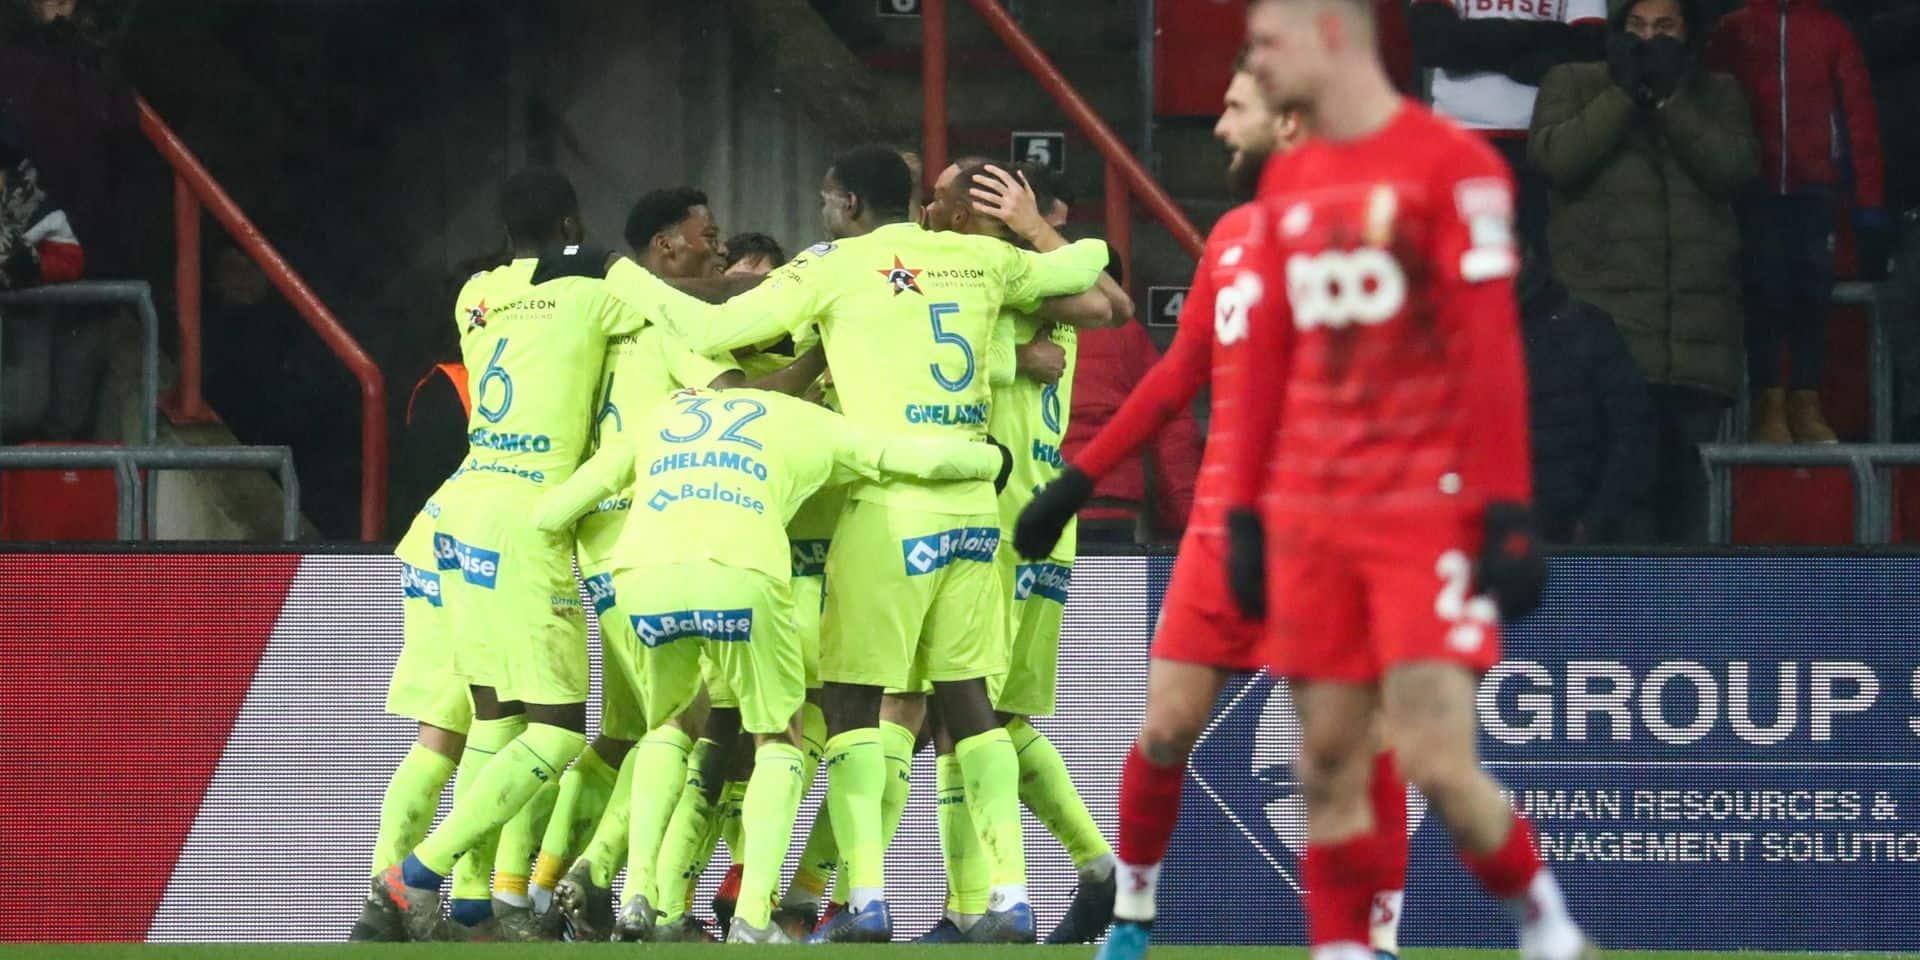 Le Standard s'incline contre La Gantoise sur un coup de fusil de Kums (0-1)